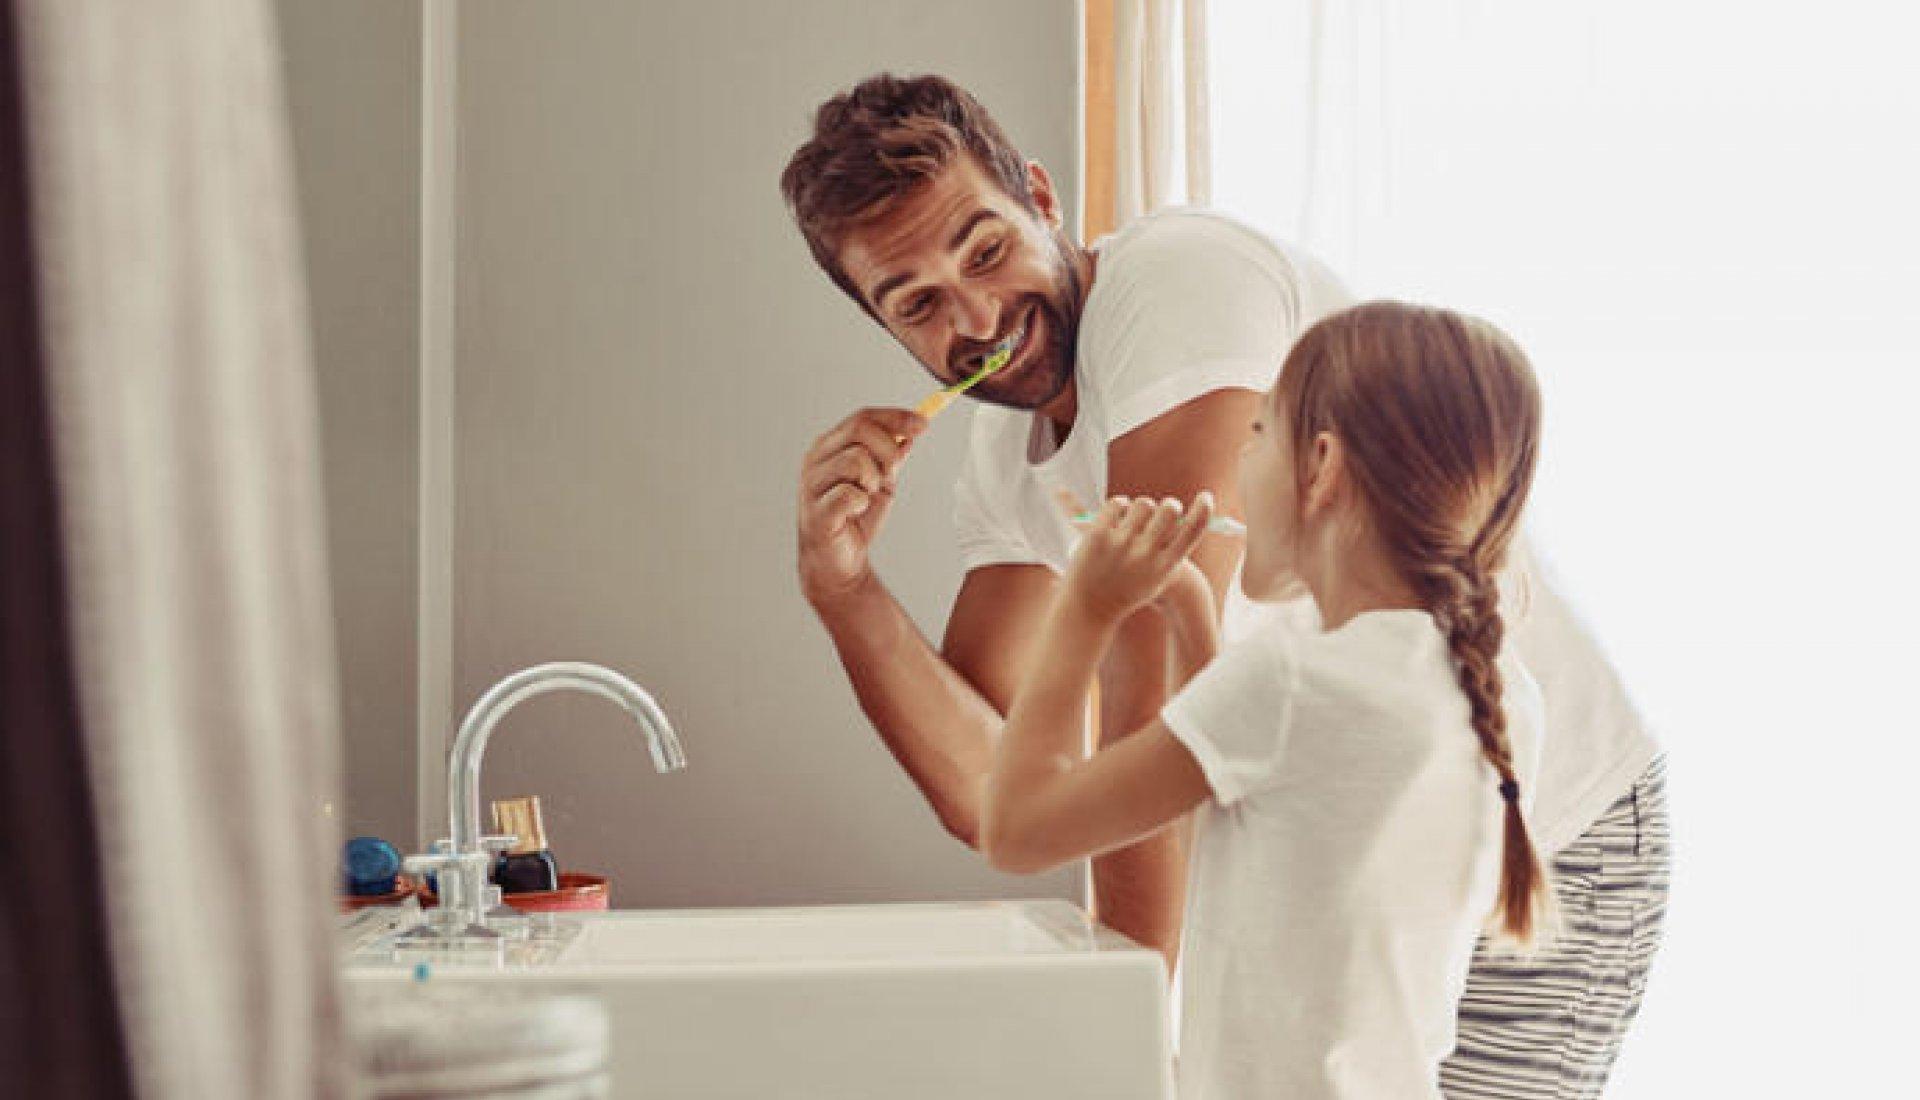 Diez claves para tener una boca y dientes sanos